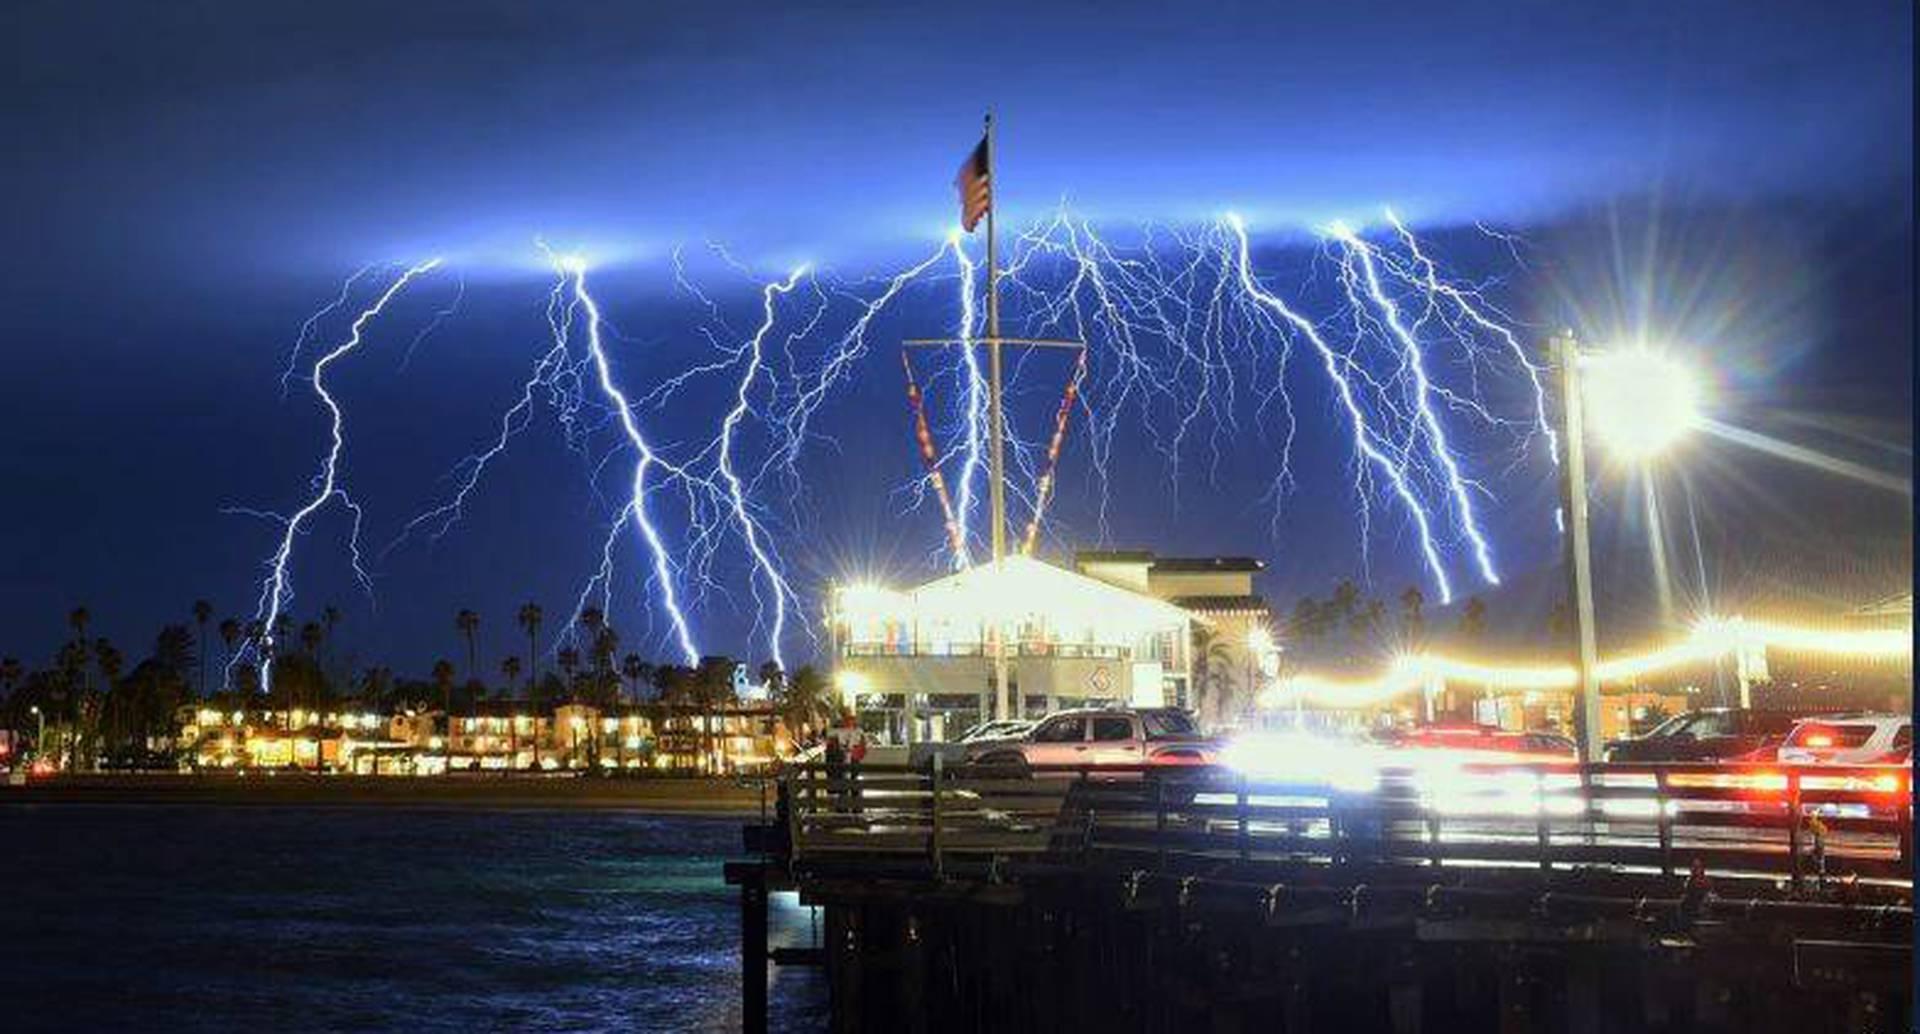 5 de marzo - Rayos y relámpagos iluminan Santa Barbara, California durante una tormenta. Las autoridades alertaron a miles de ciudadanos para que evacuaran por posibles deslizamientos de tierra. FOTO: Mike Eliason/Santa Barbara County Fire Department via AP